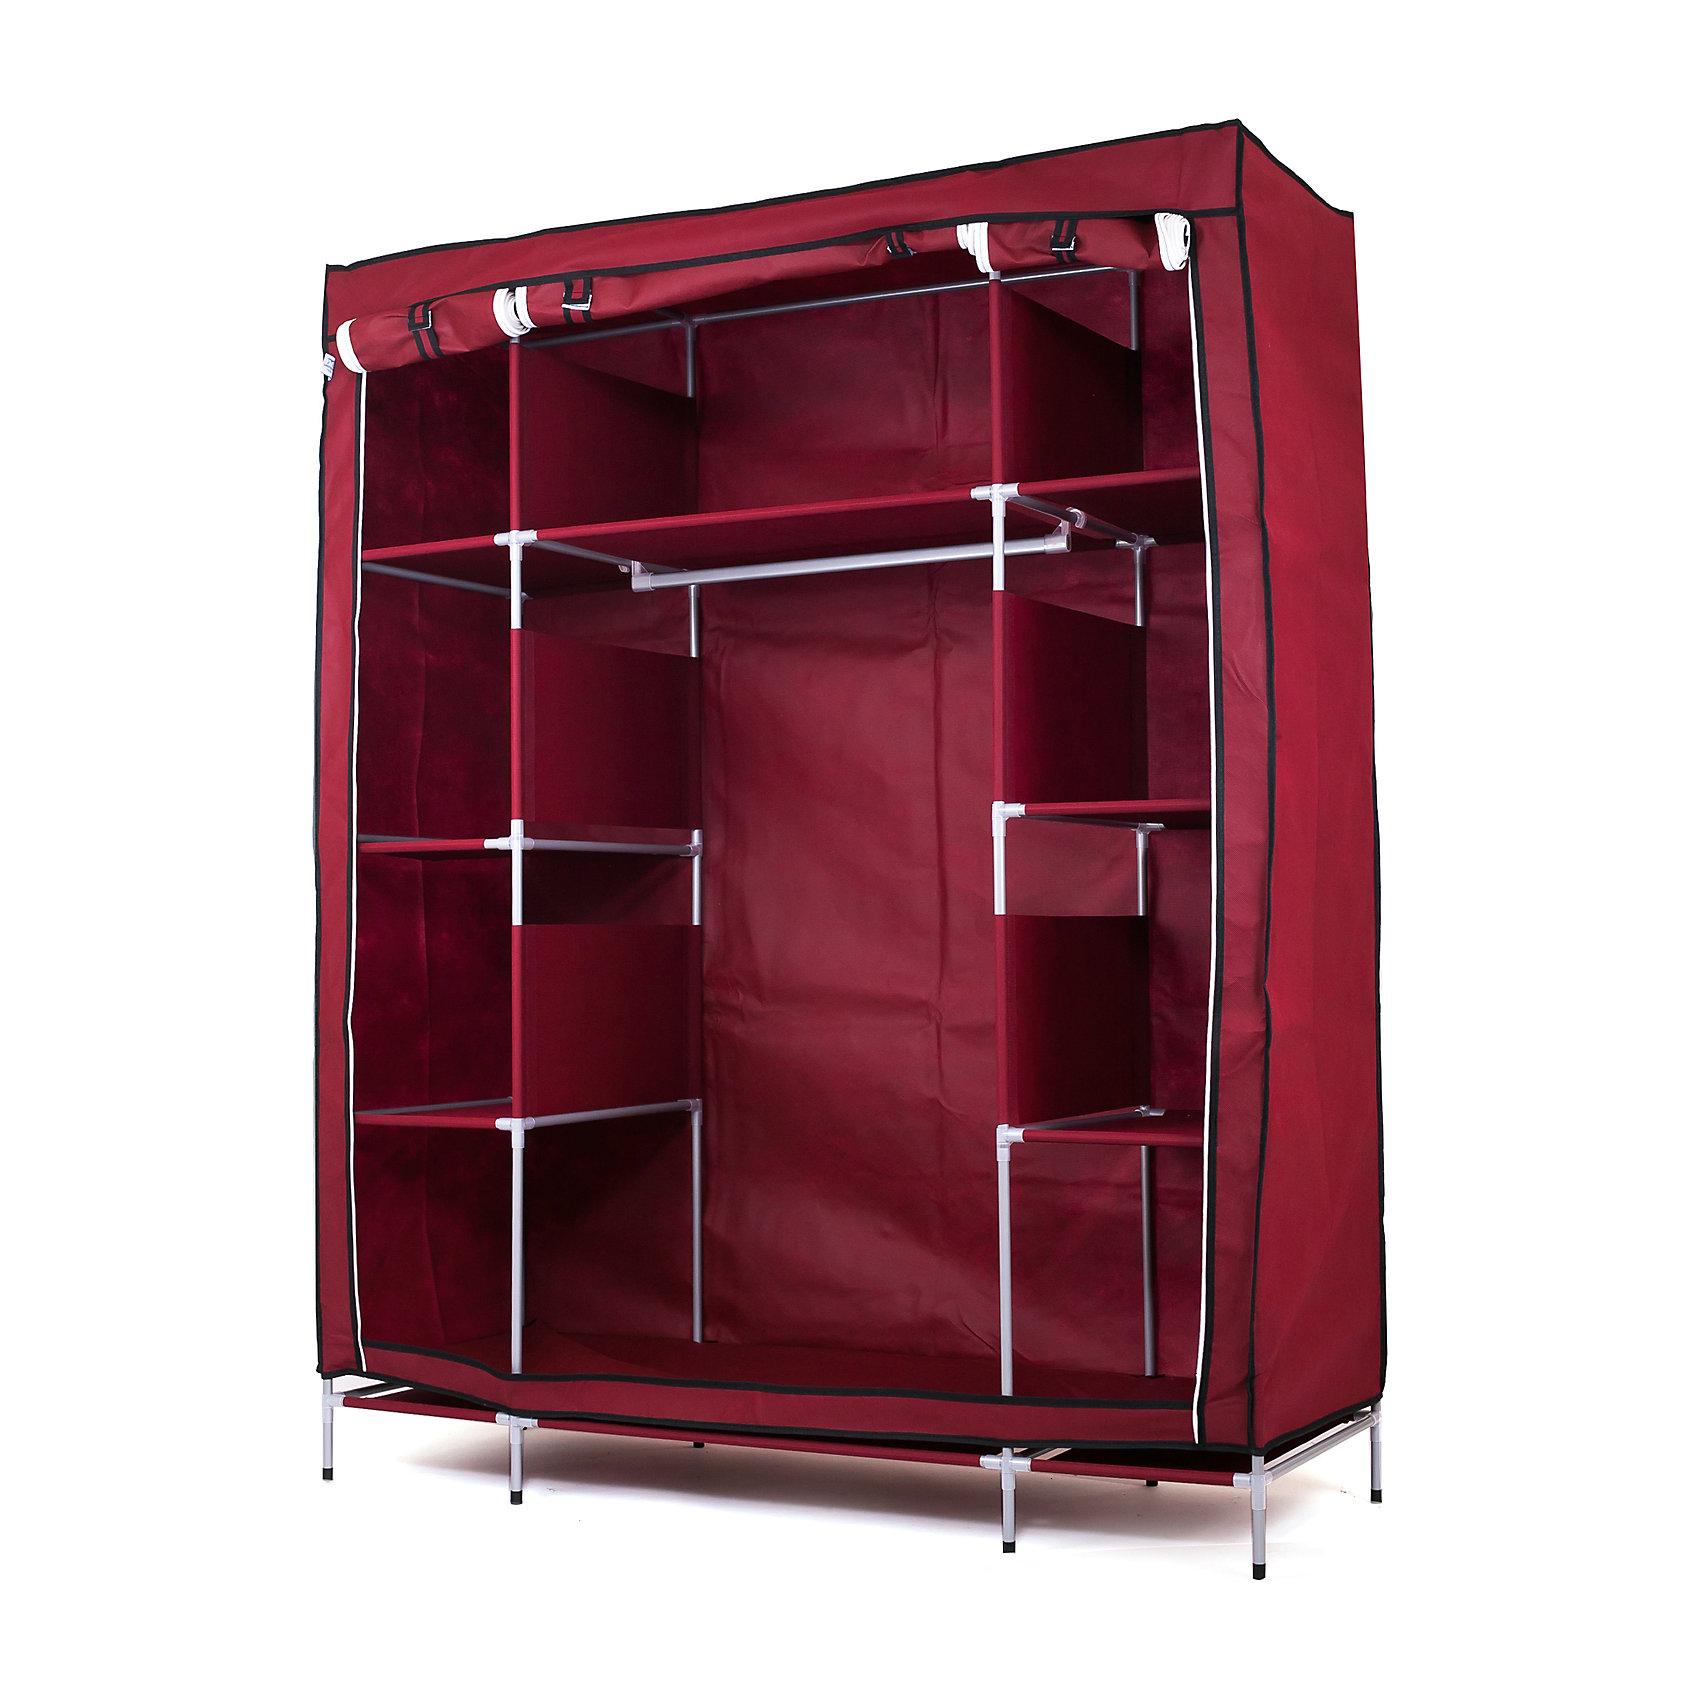 Тканевый шкаф Маджорити, Homsu, бордовыйПорядок в детской<br>Этот большой тканевый шкаф будет максимально практичным и удобным помощником в создании полноценного порядка благодаря 8 маленьким полкам для складывания одежды 35Х50см и 1 большой- 70Х50см , а также отделению для подвешивания одежды высотой 120см и шириной 70см. Сборная конструкция такого шкафа состоит из металлических деталей каркаса, обтянутых сверху прочной и лёгкой тканью.<br><br>Ширина мм: 650<br>Глубина мм: 350<br>Высота мм: 110<br>Вес г: 6000<br>Возраст от месяцев: 216<br>Возраст до месяцев: 1188<br>Пол: Унисекс<br>Возраст: Детский<br>SKU: 5620244